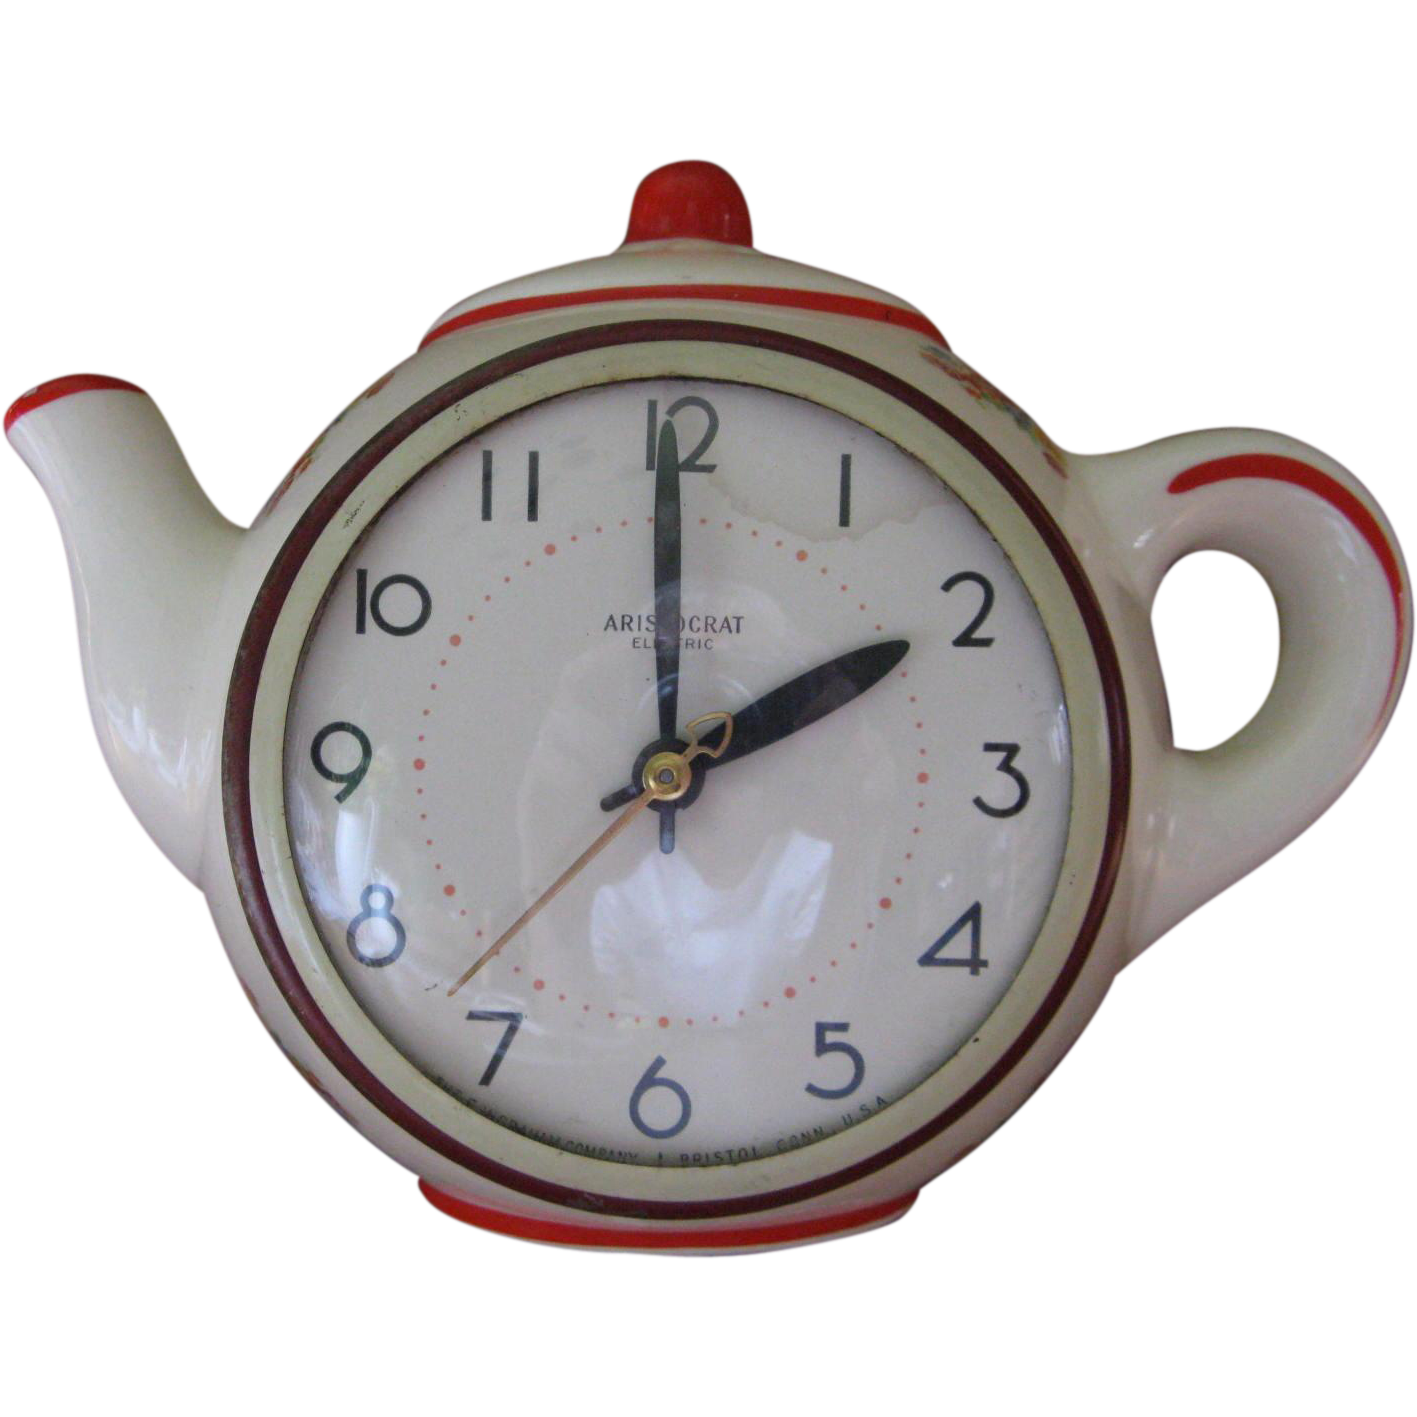 17 best images about vintage clocks on pinterest | vintage clocks